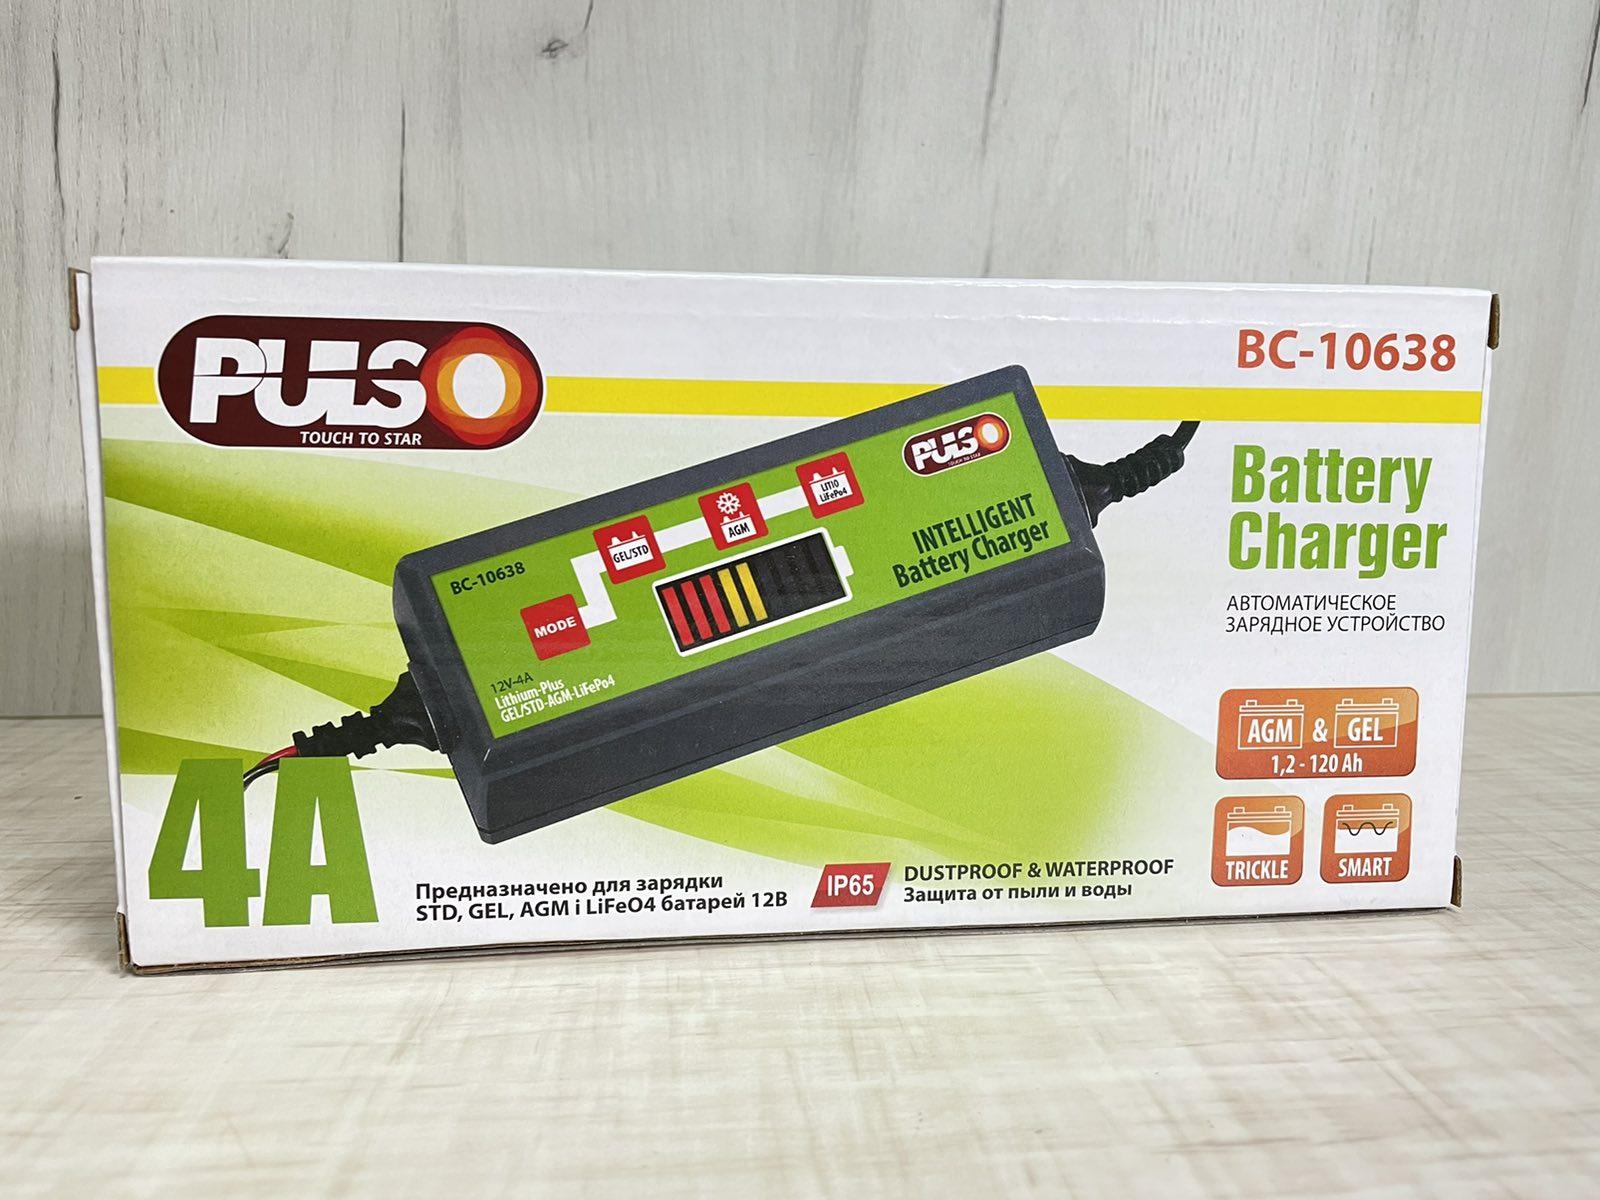 Зарядное устройство для автомобильного аккумулятора PULSO BC-10638 12V/4.0A/1.2-120AH /LCD/Импульсное